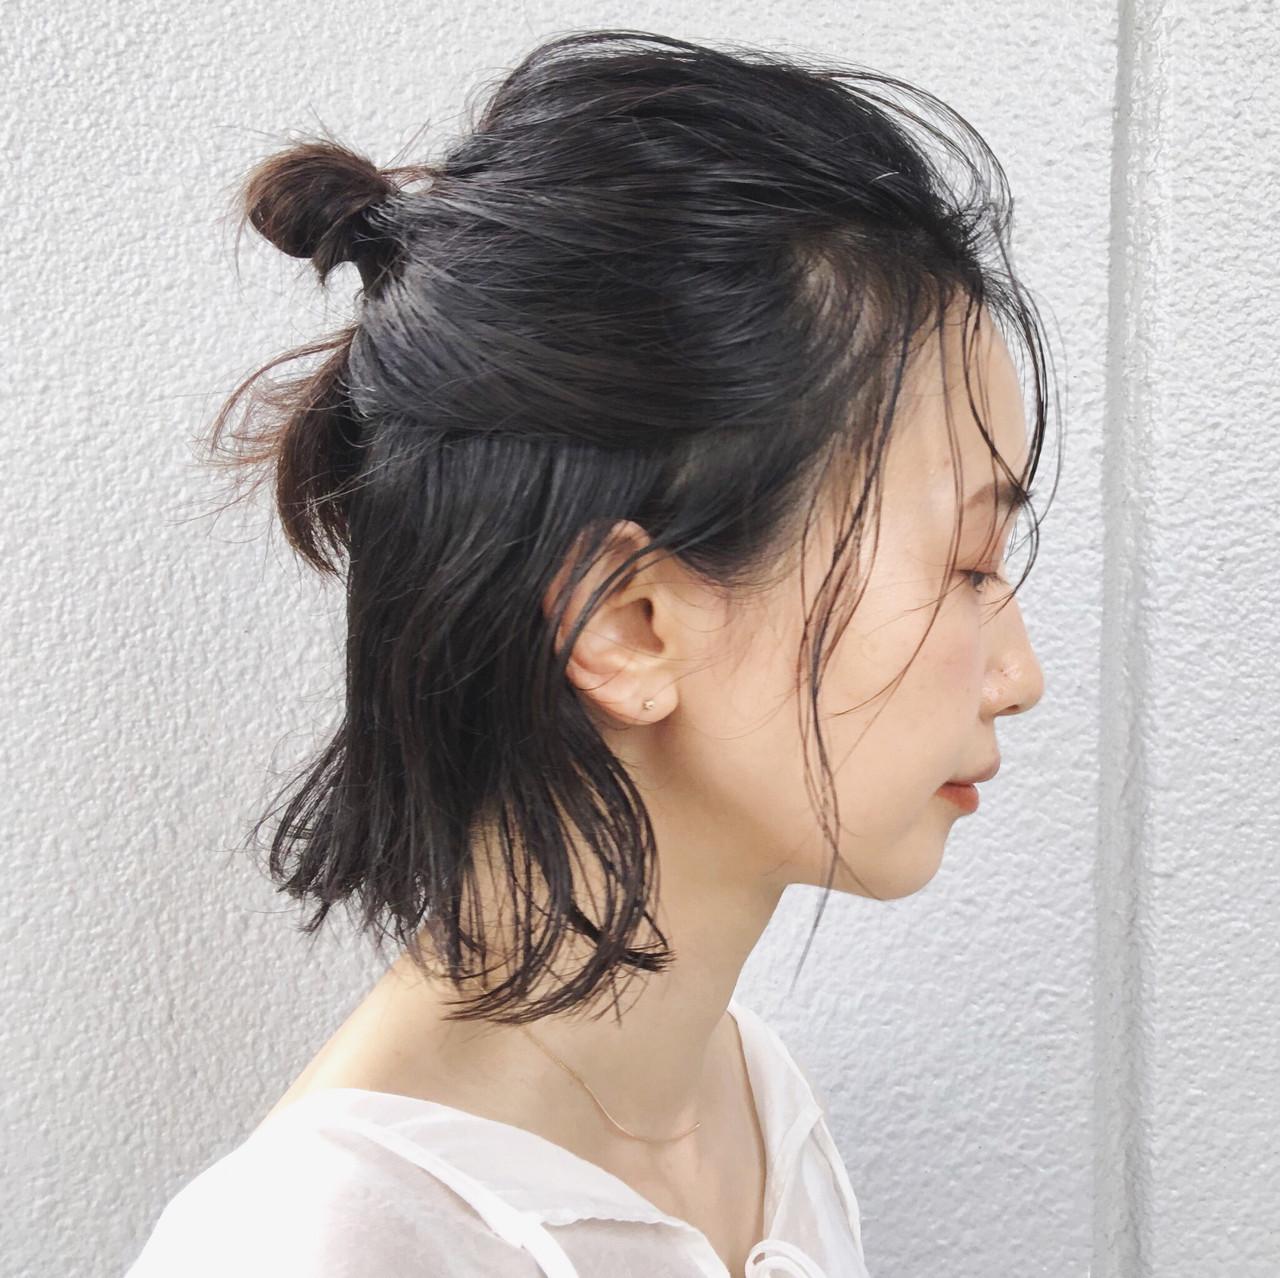 セルフアレンジ 簡単ヘアアレンジ ハーフアップ ナチュラル ヘアスタイルや髪型の写真・画像